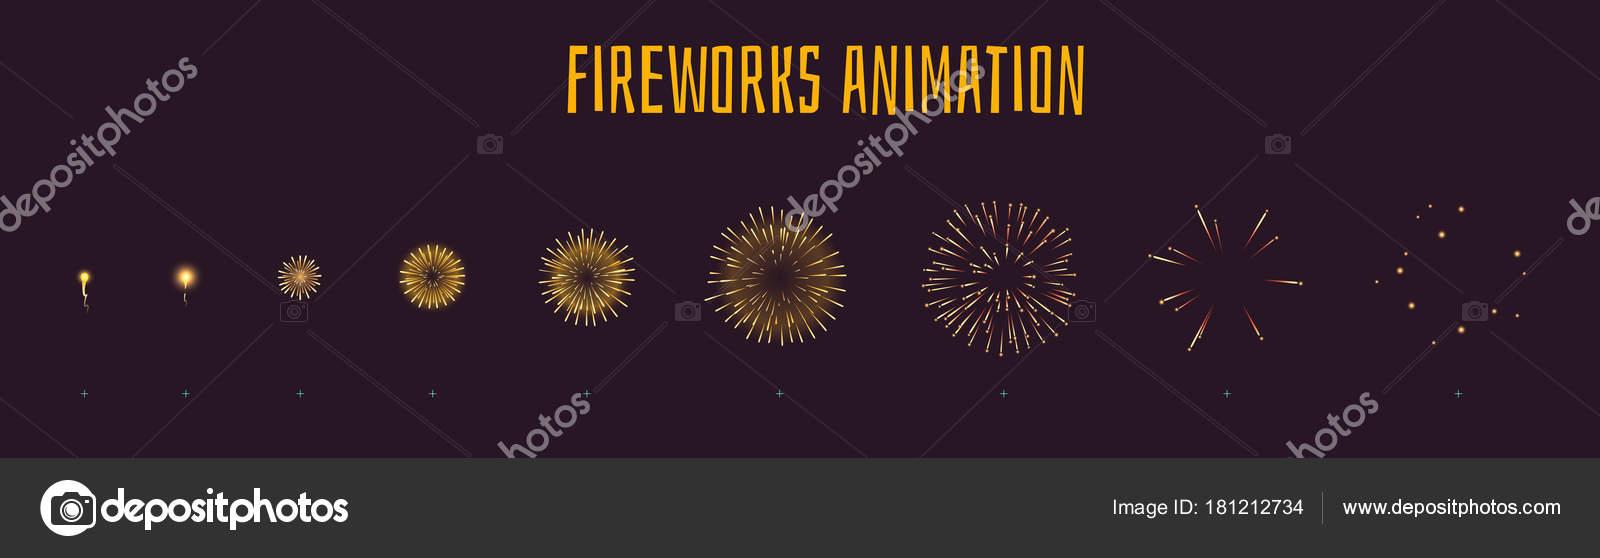 Sistema Estilo Dibujos Animados Vector Fuegos Artificiales Amarillo